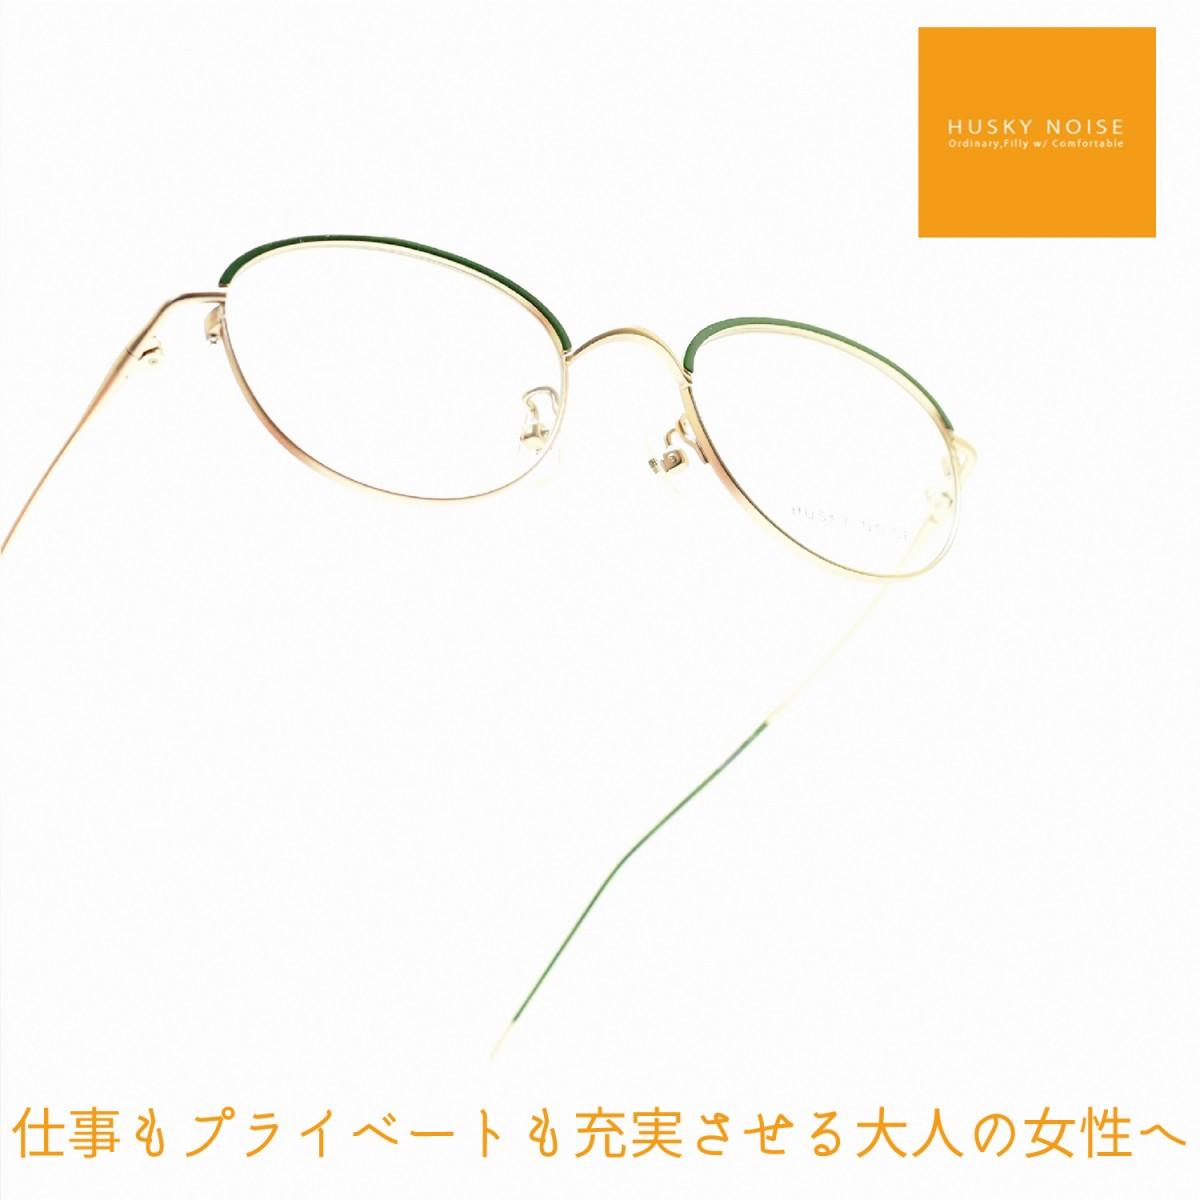 HUSKY NOISE ハスキーノイズH-177 col-4メガネ 眼鏡 めがね メンズ レディース おしゃれ ブランド 人気 おすすめ フレーム 流行り 度付き レンズ